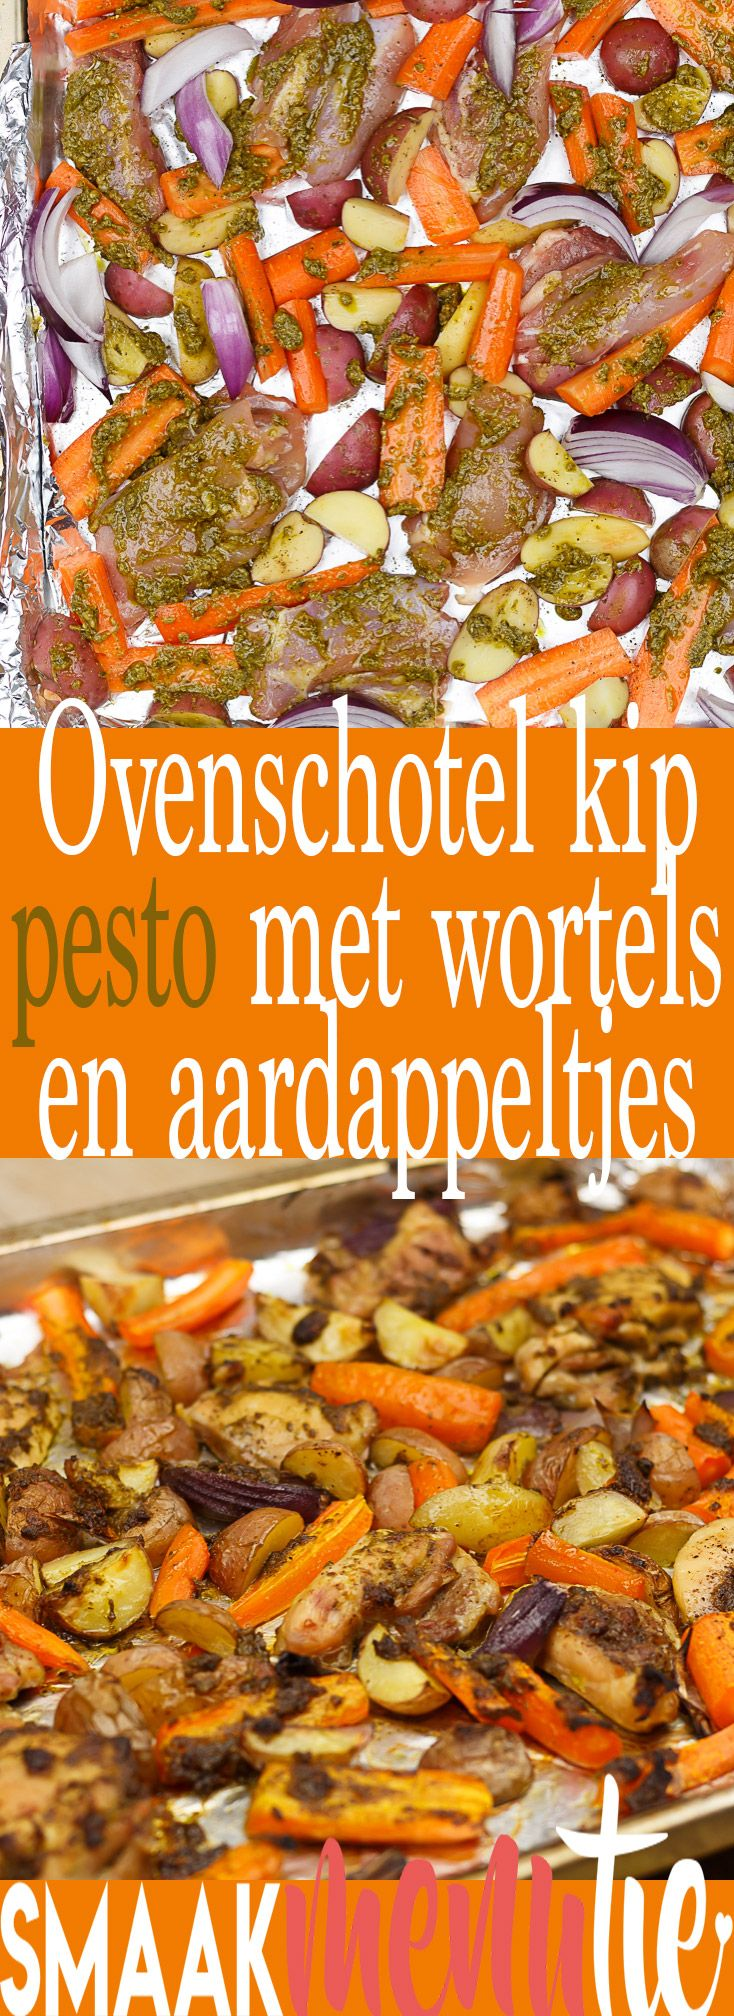 Ovenschotel kip pesto met wortels en aardappeltjes #recipe #recept #ovenschotel #oven